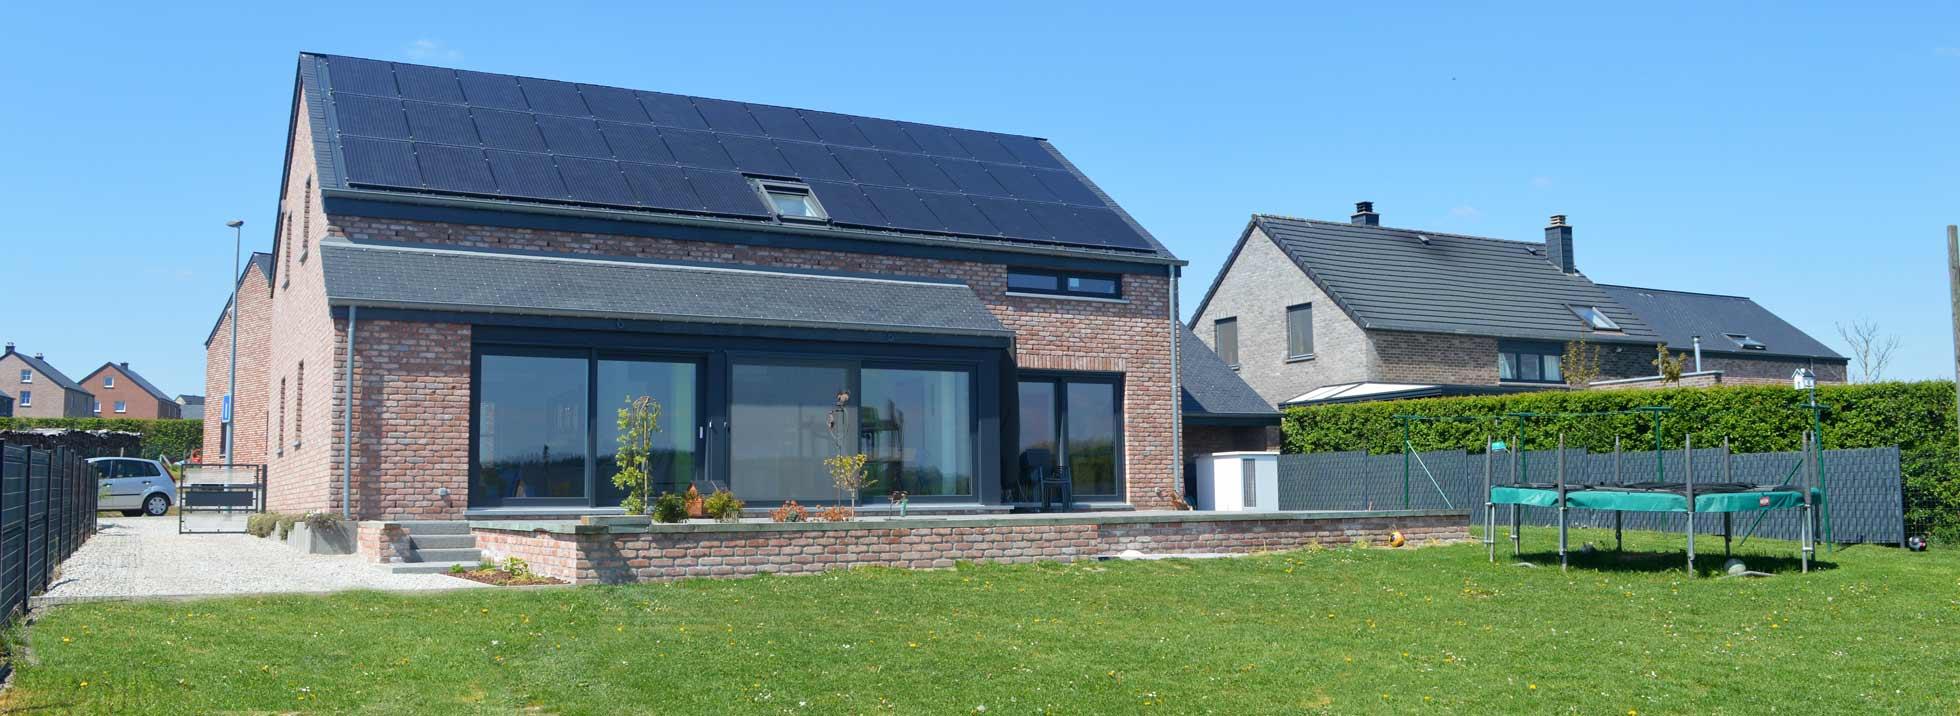 Geoffrey Carion Construction d'une habitation unifamiliale en maçonnerie traditionnelle. Le projet a été conçu et dessiné afin d'être un logement adapté pour personne à mobilité réduite. L'habitation est également énergétiquement autonome grâce à l'installation de panneaux photovoltaïques couplée à une pompe à chaleur.